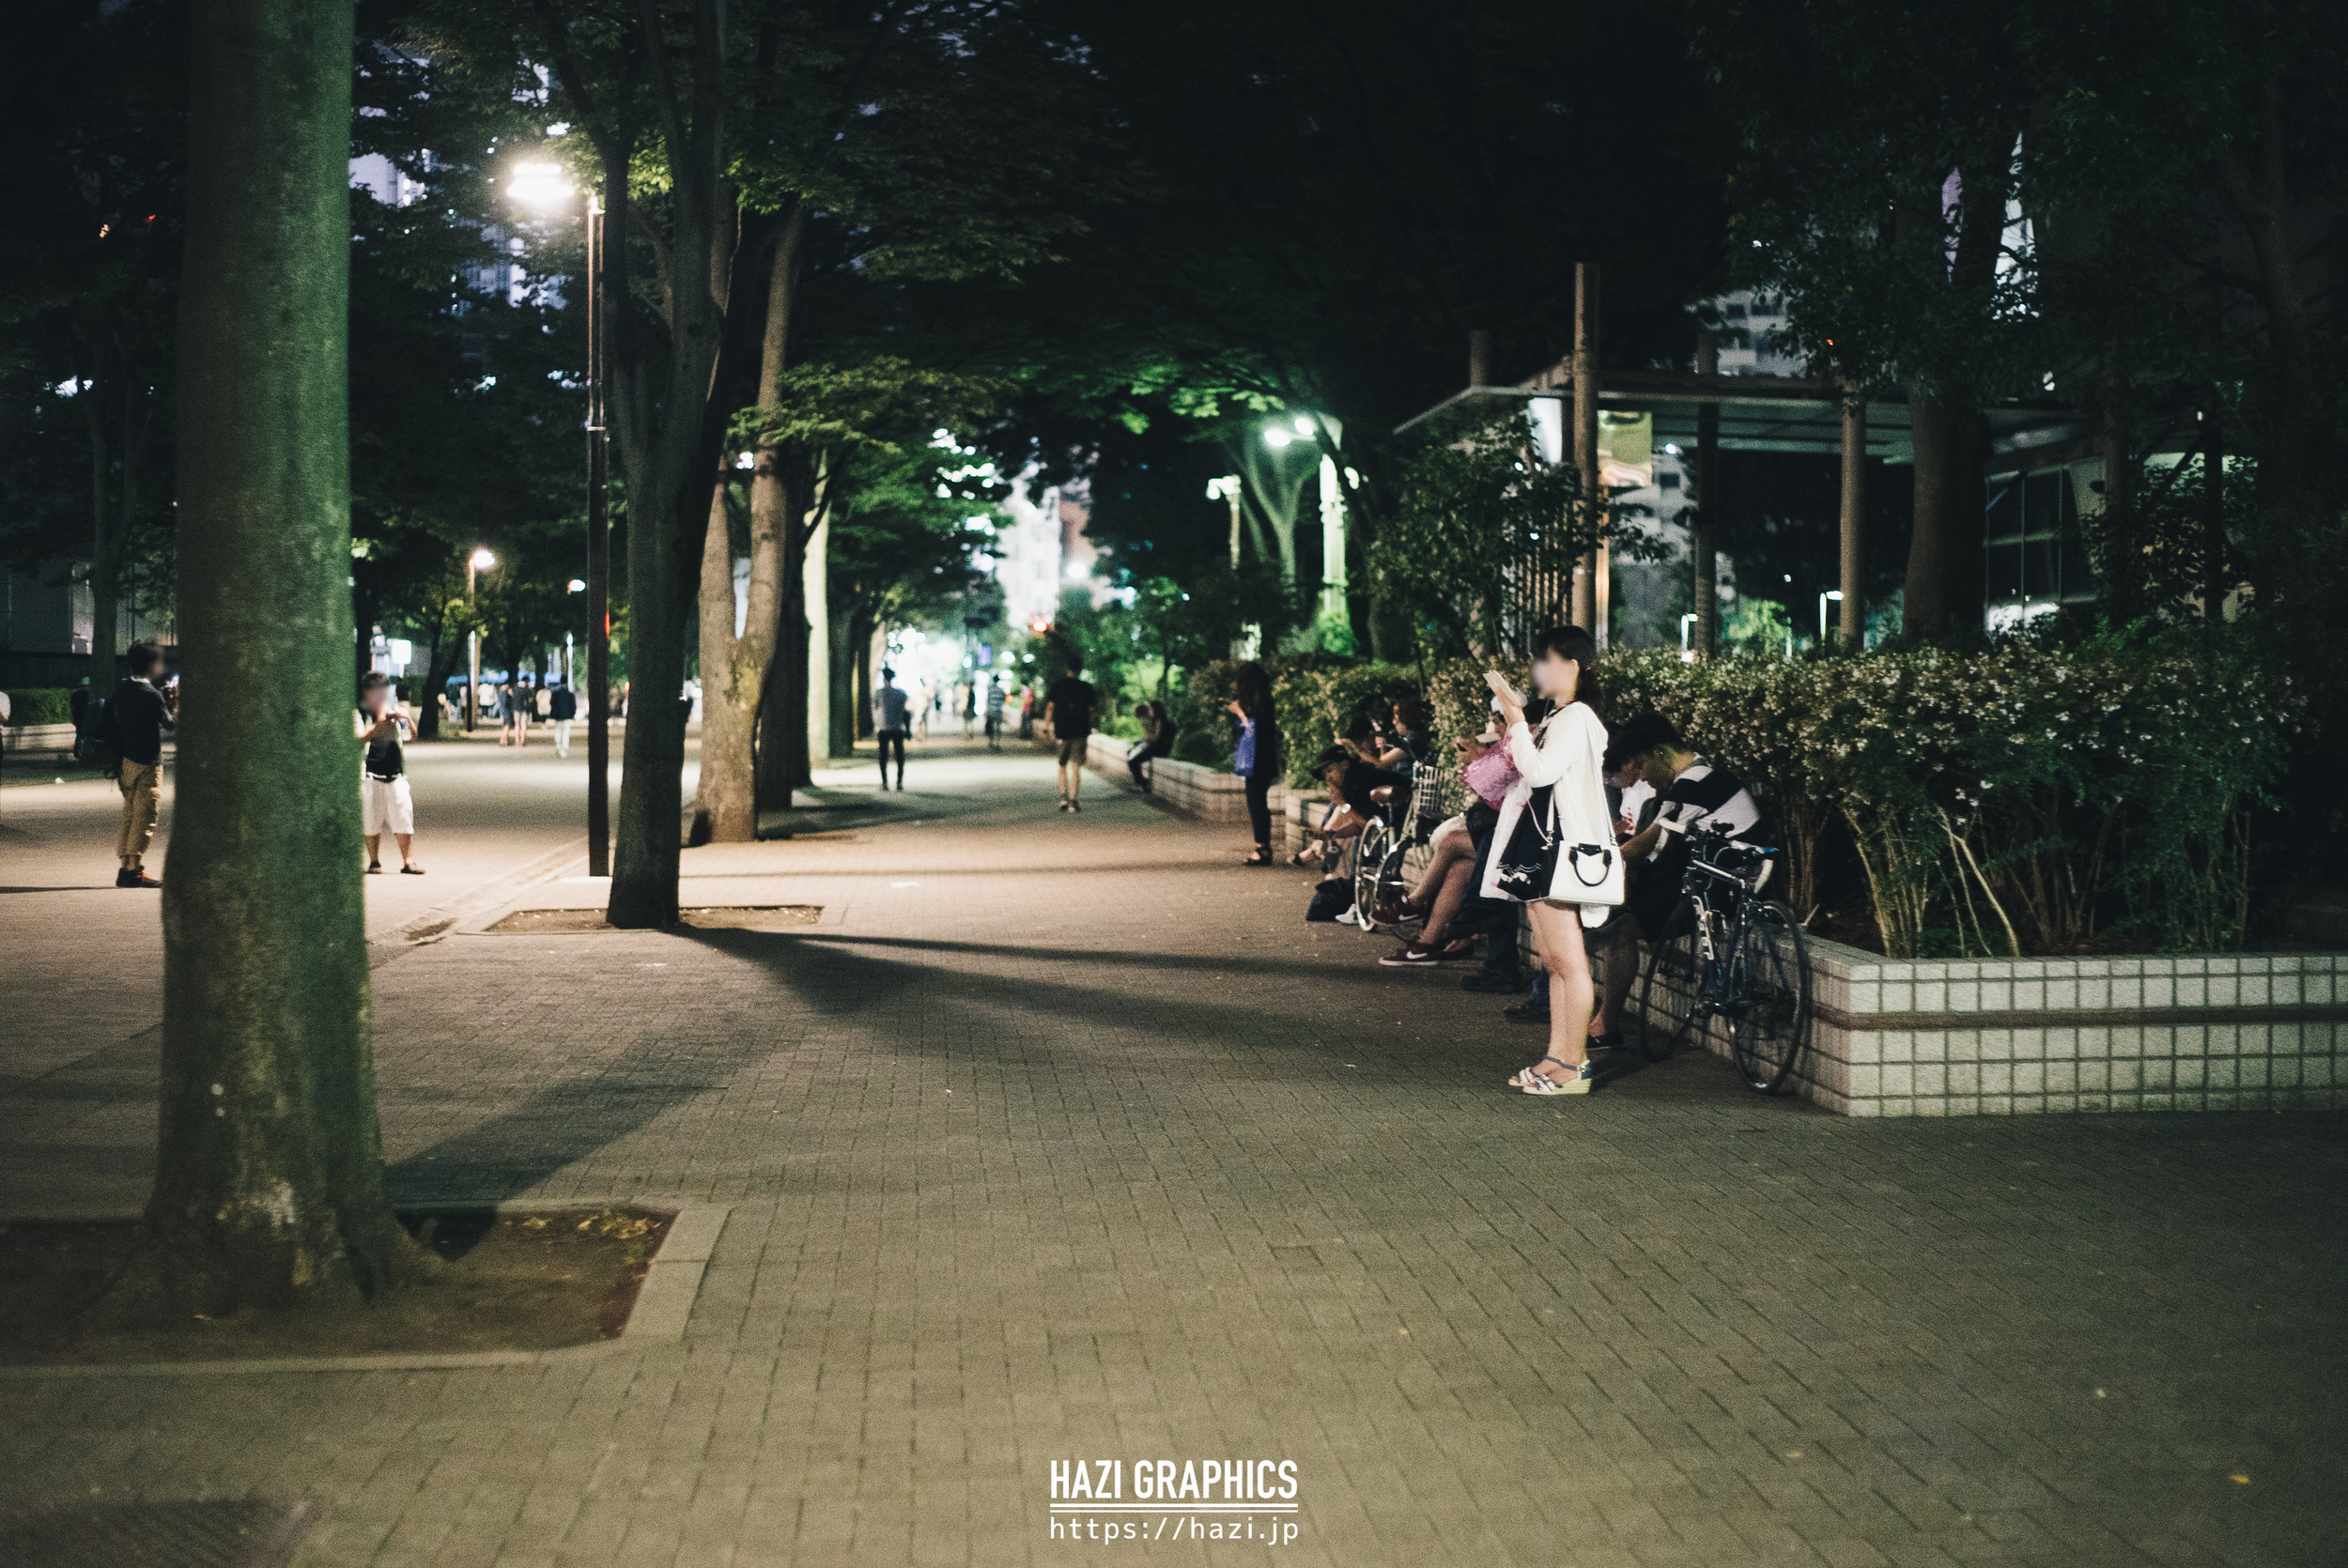 渋谷 NHK 前 20:32